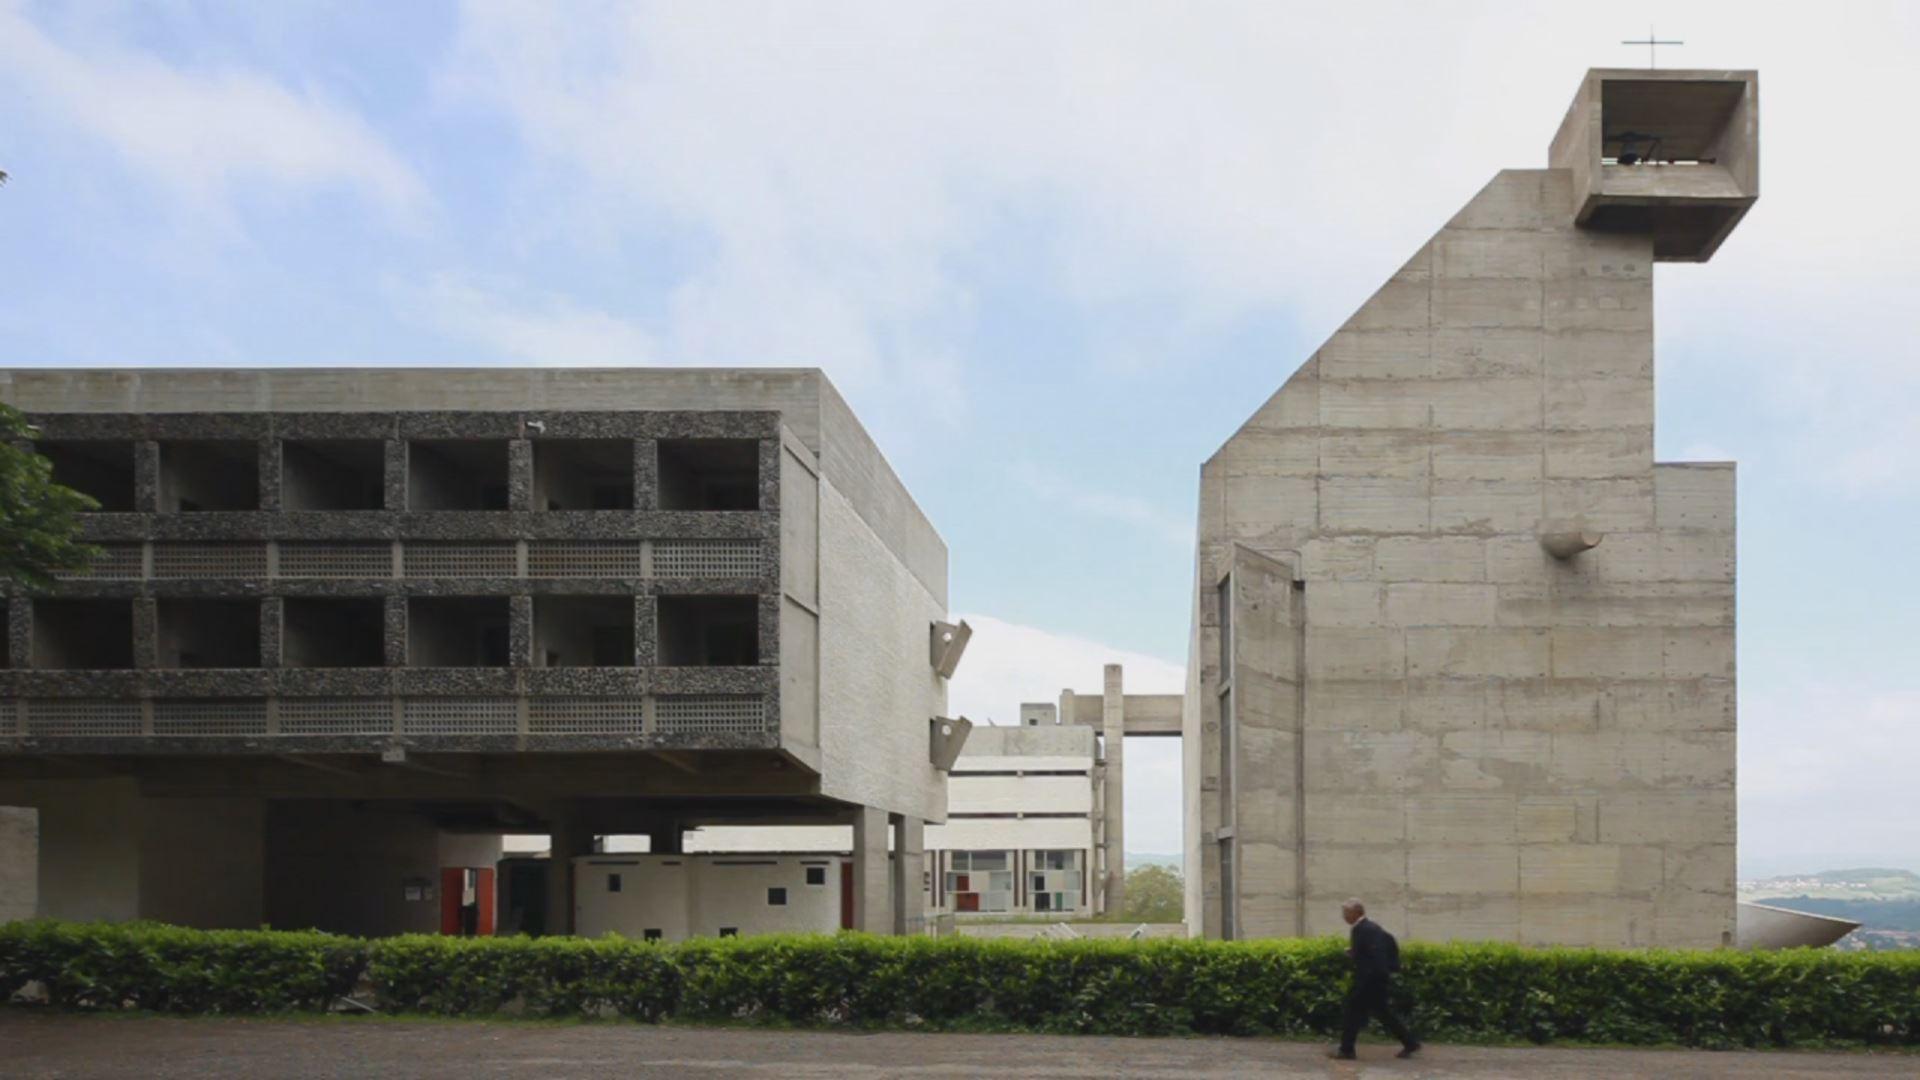 See le corbusier s convent de la tourette come to life in for Architecture le corbusier